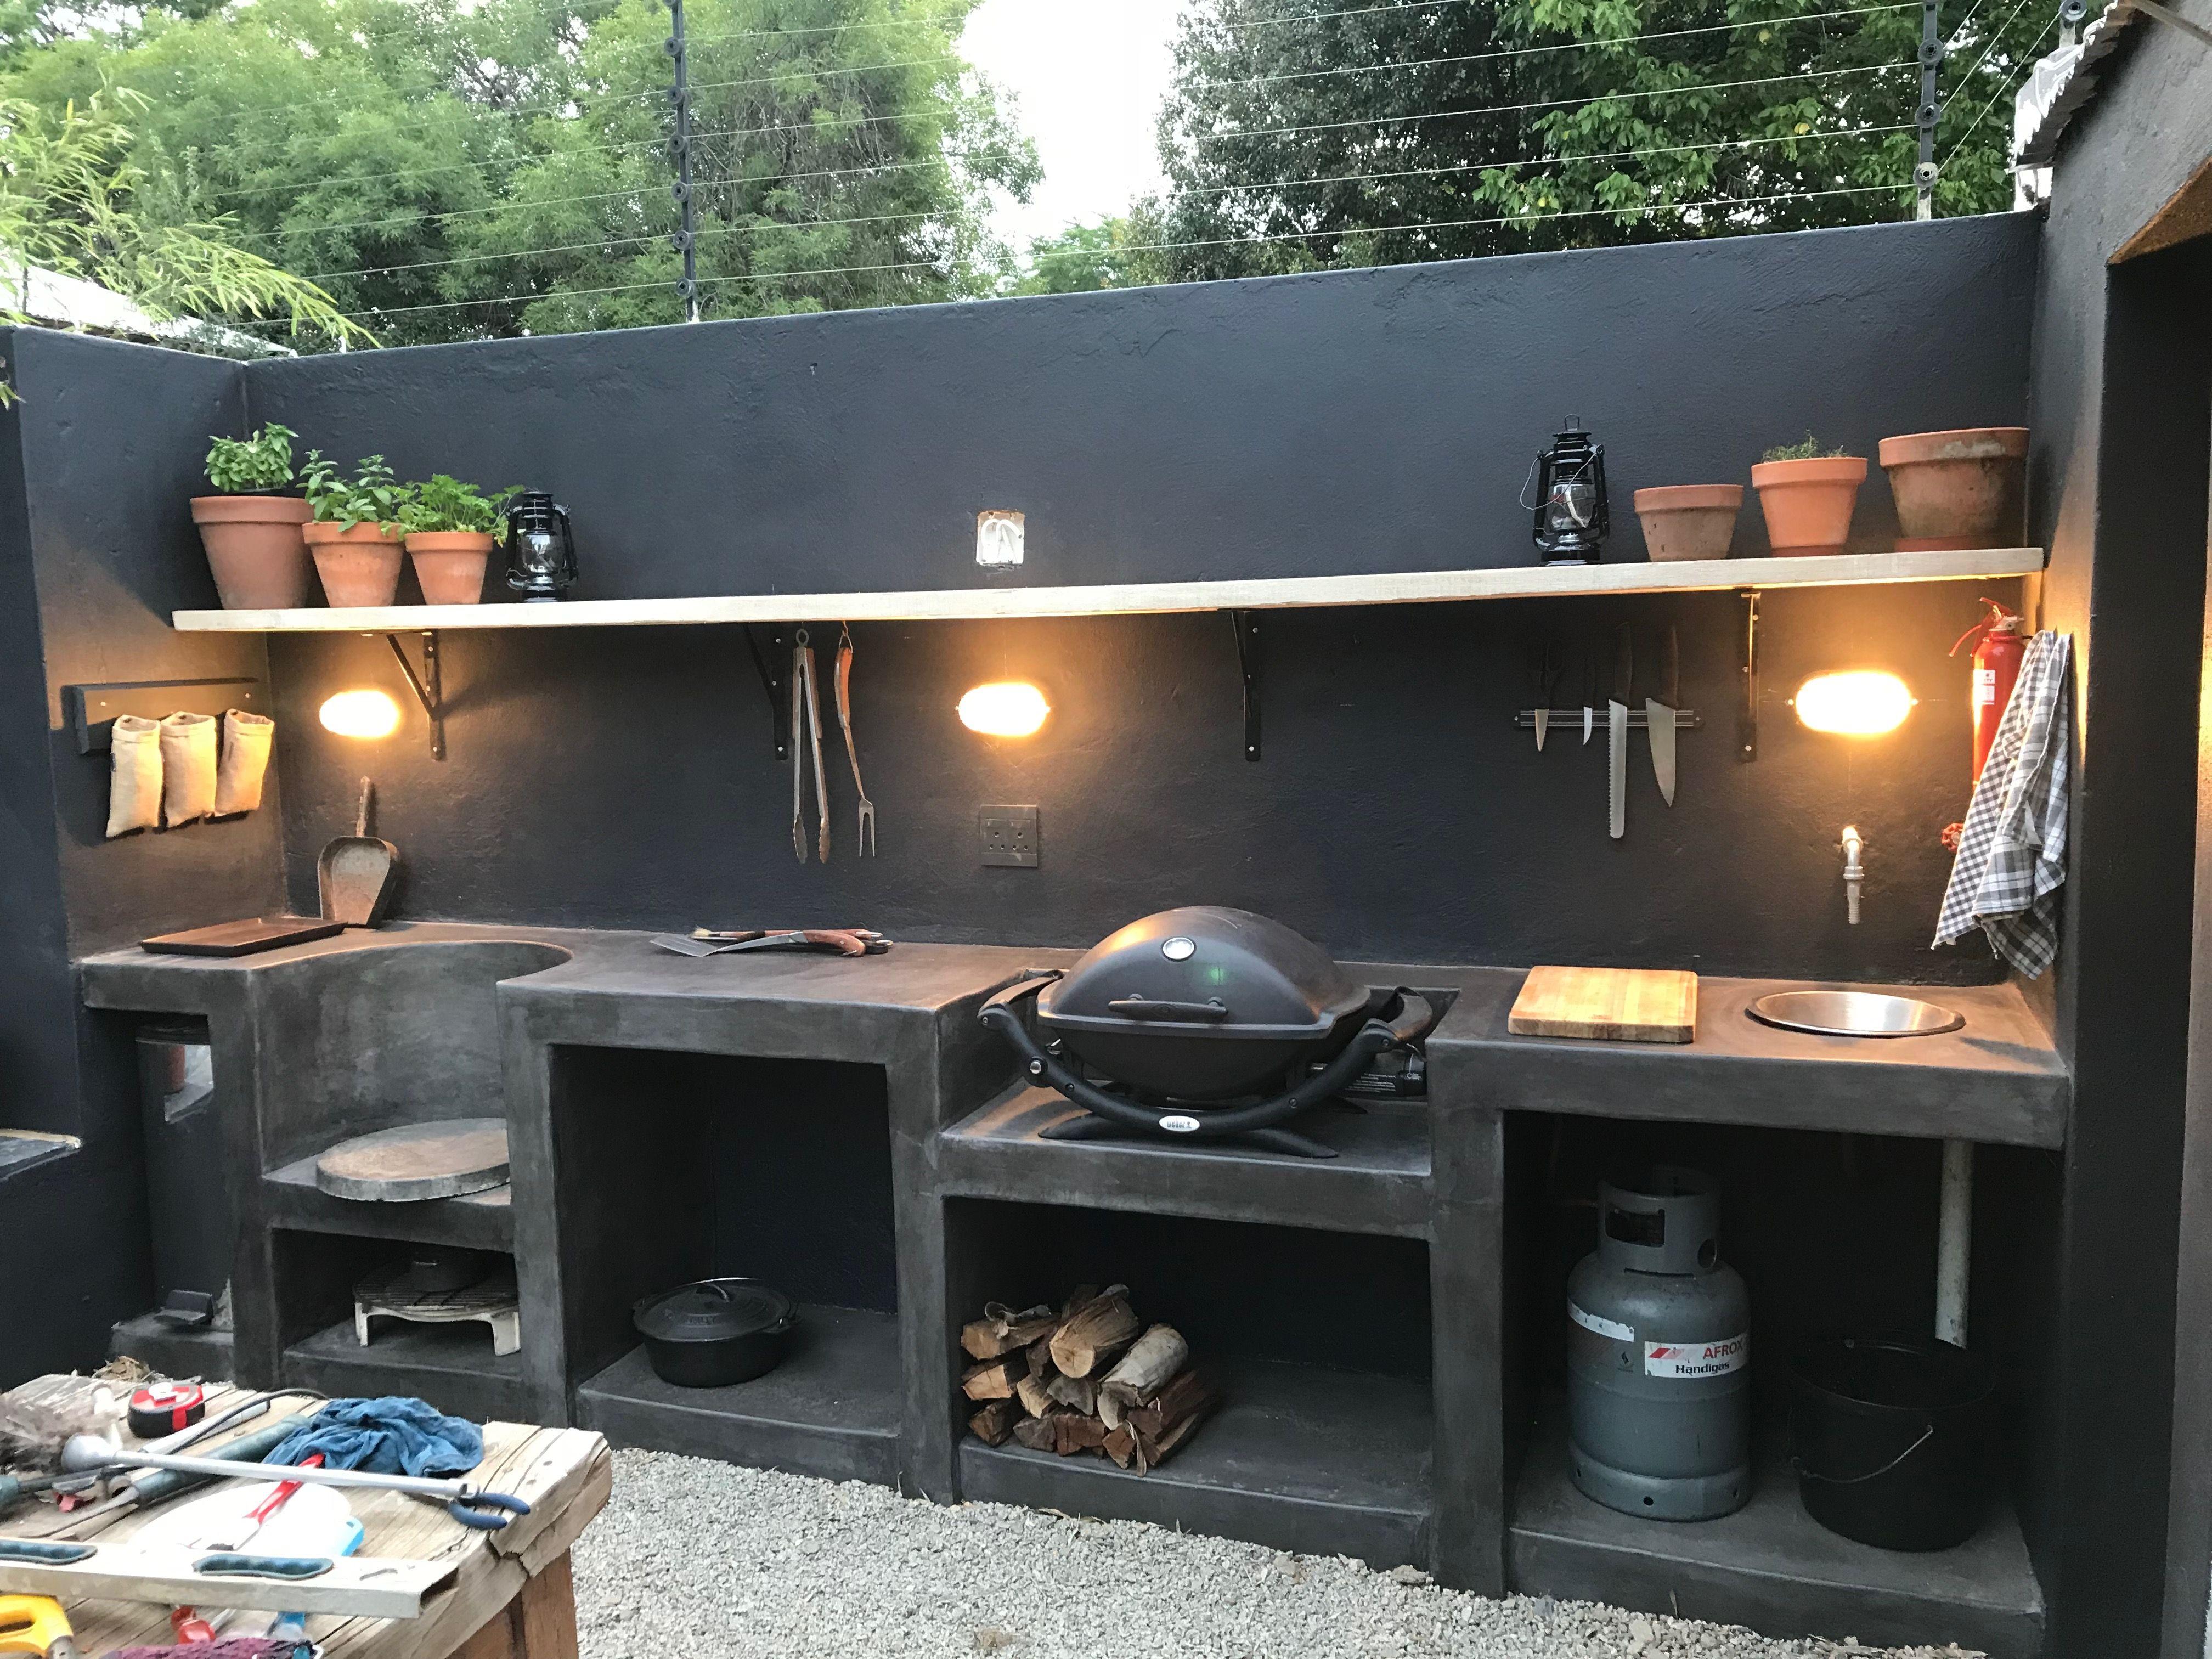 Steine Für Außenküche : Outdoor küche u steine: outdoor küche u steine multiplexplatte